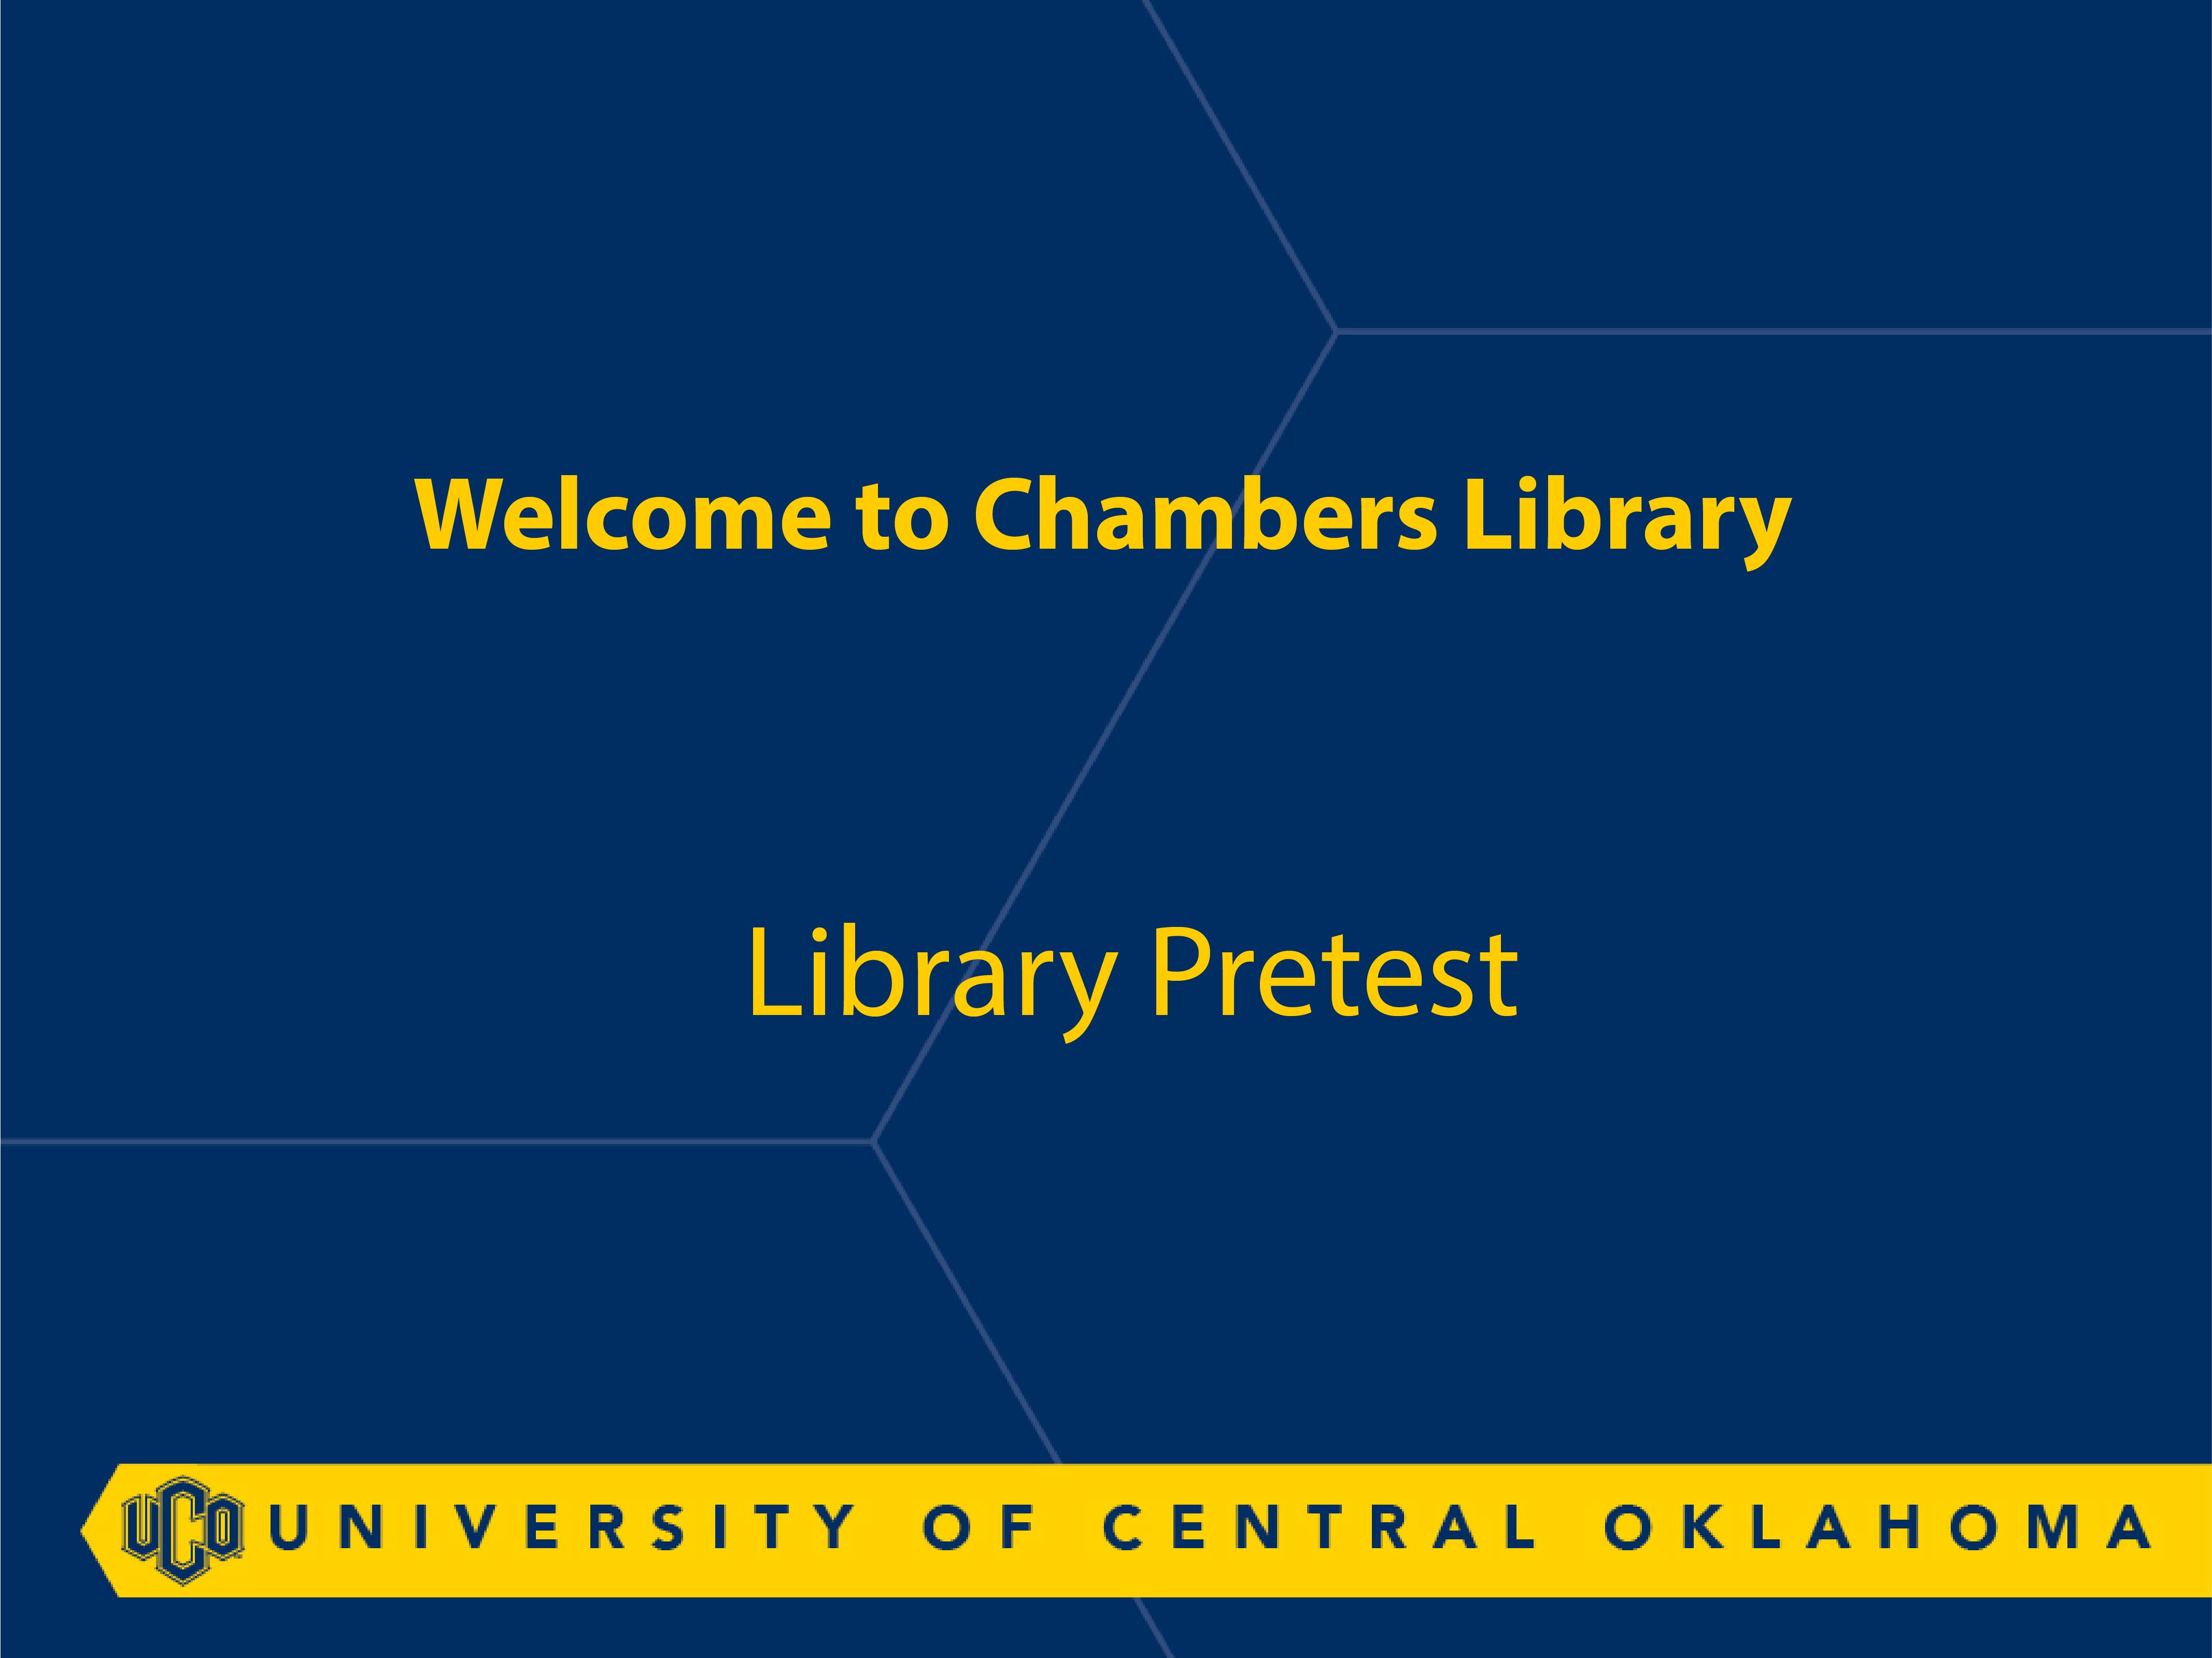 Library Pretest